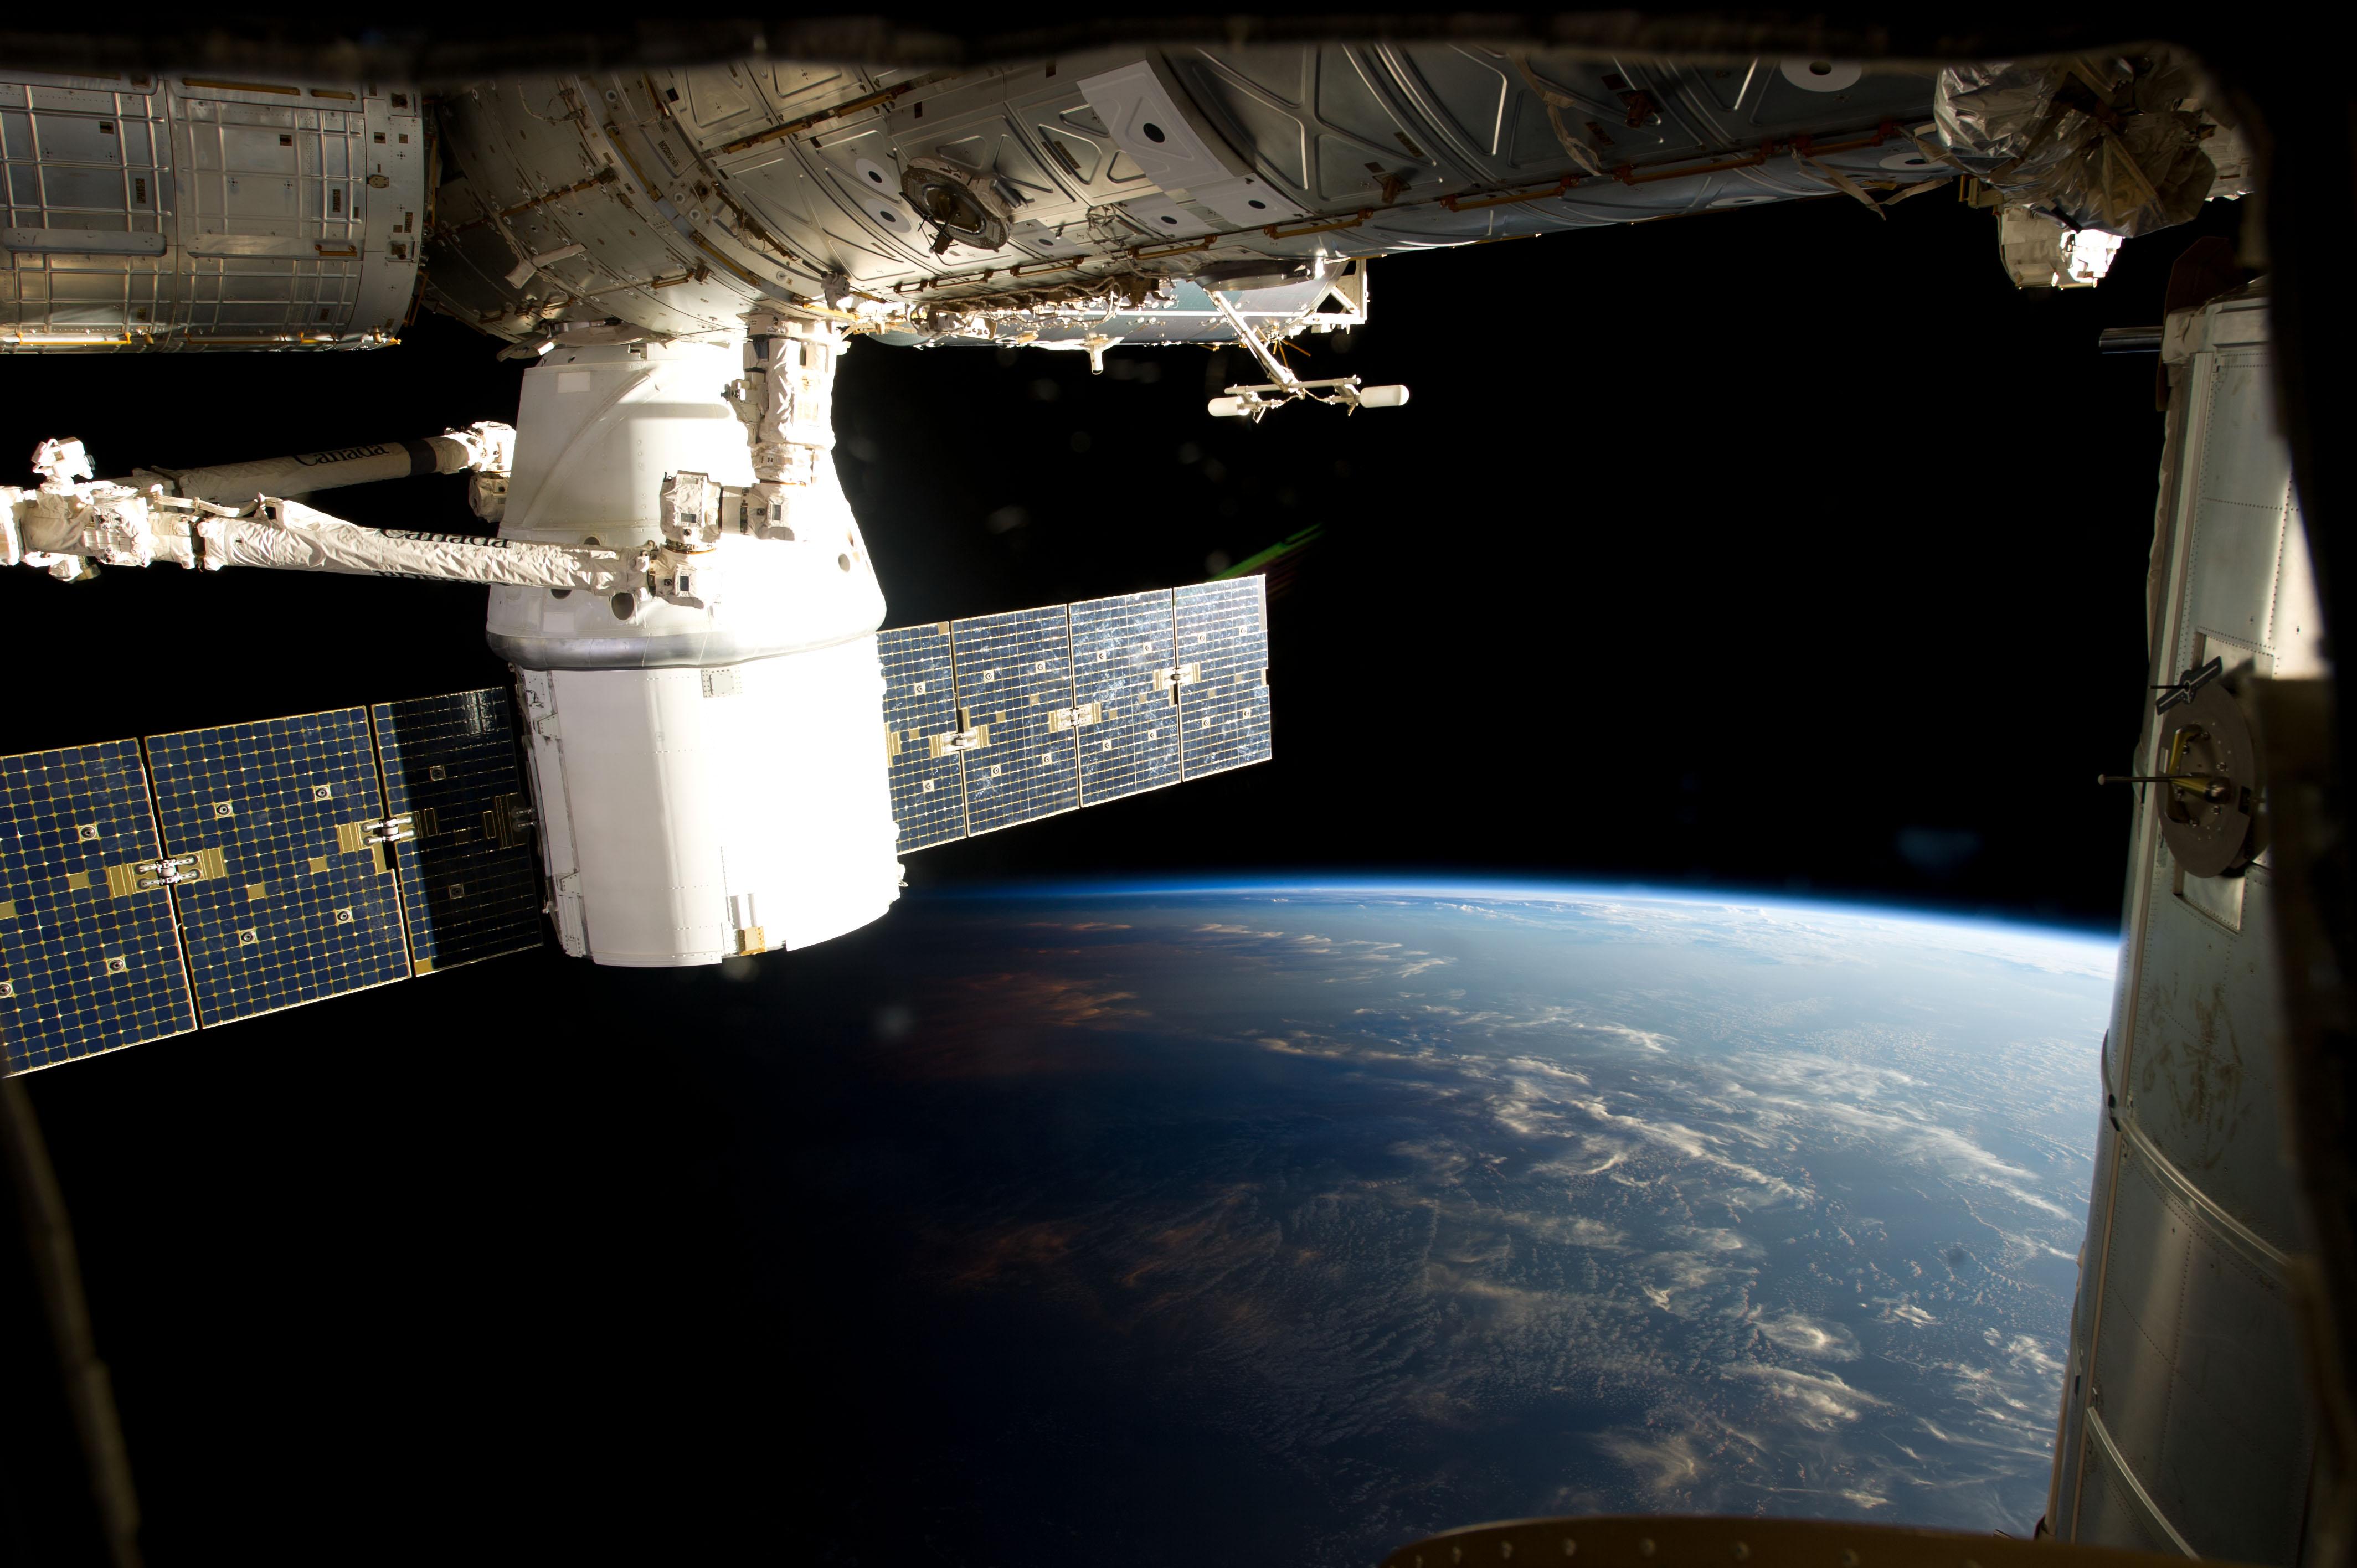 main space station nasa - photo #39